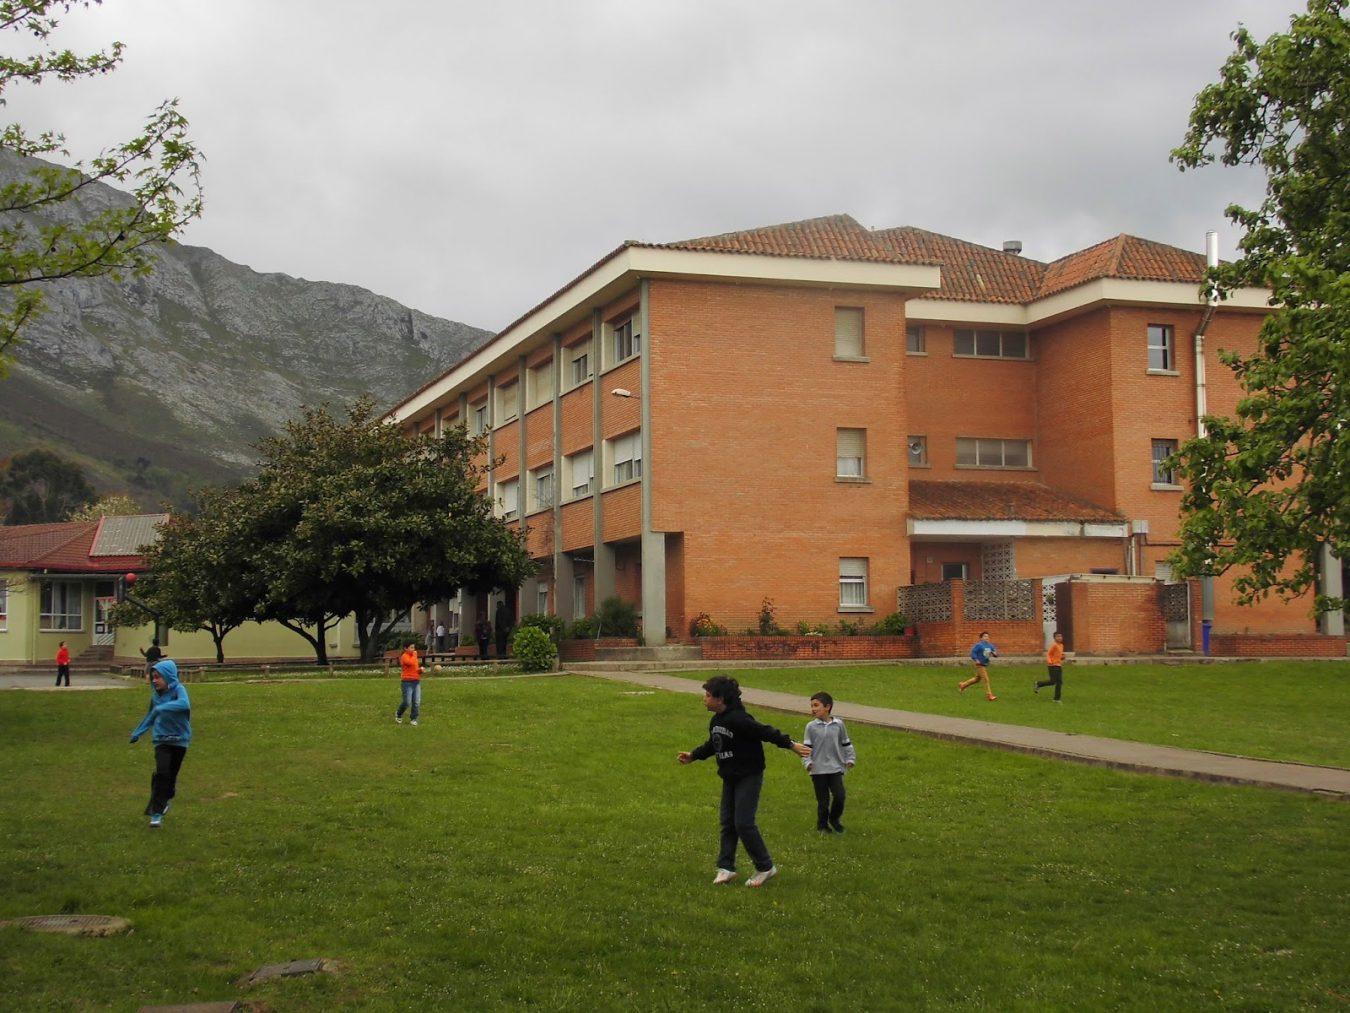 Transporte escolar a tiempo parcial en el colegio público Valdellera de Posada de Llanes